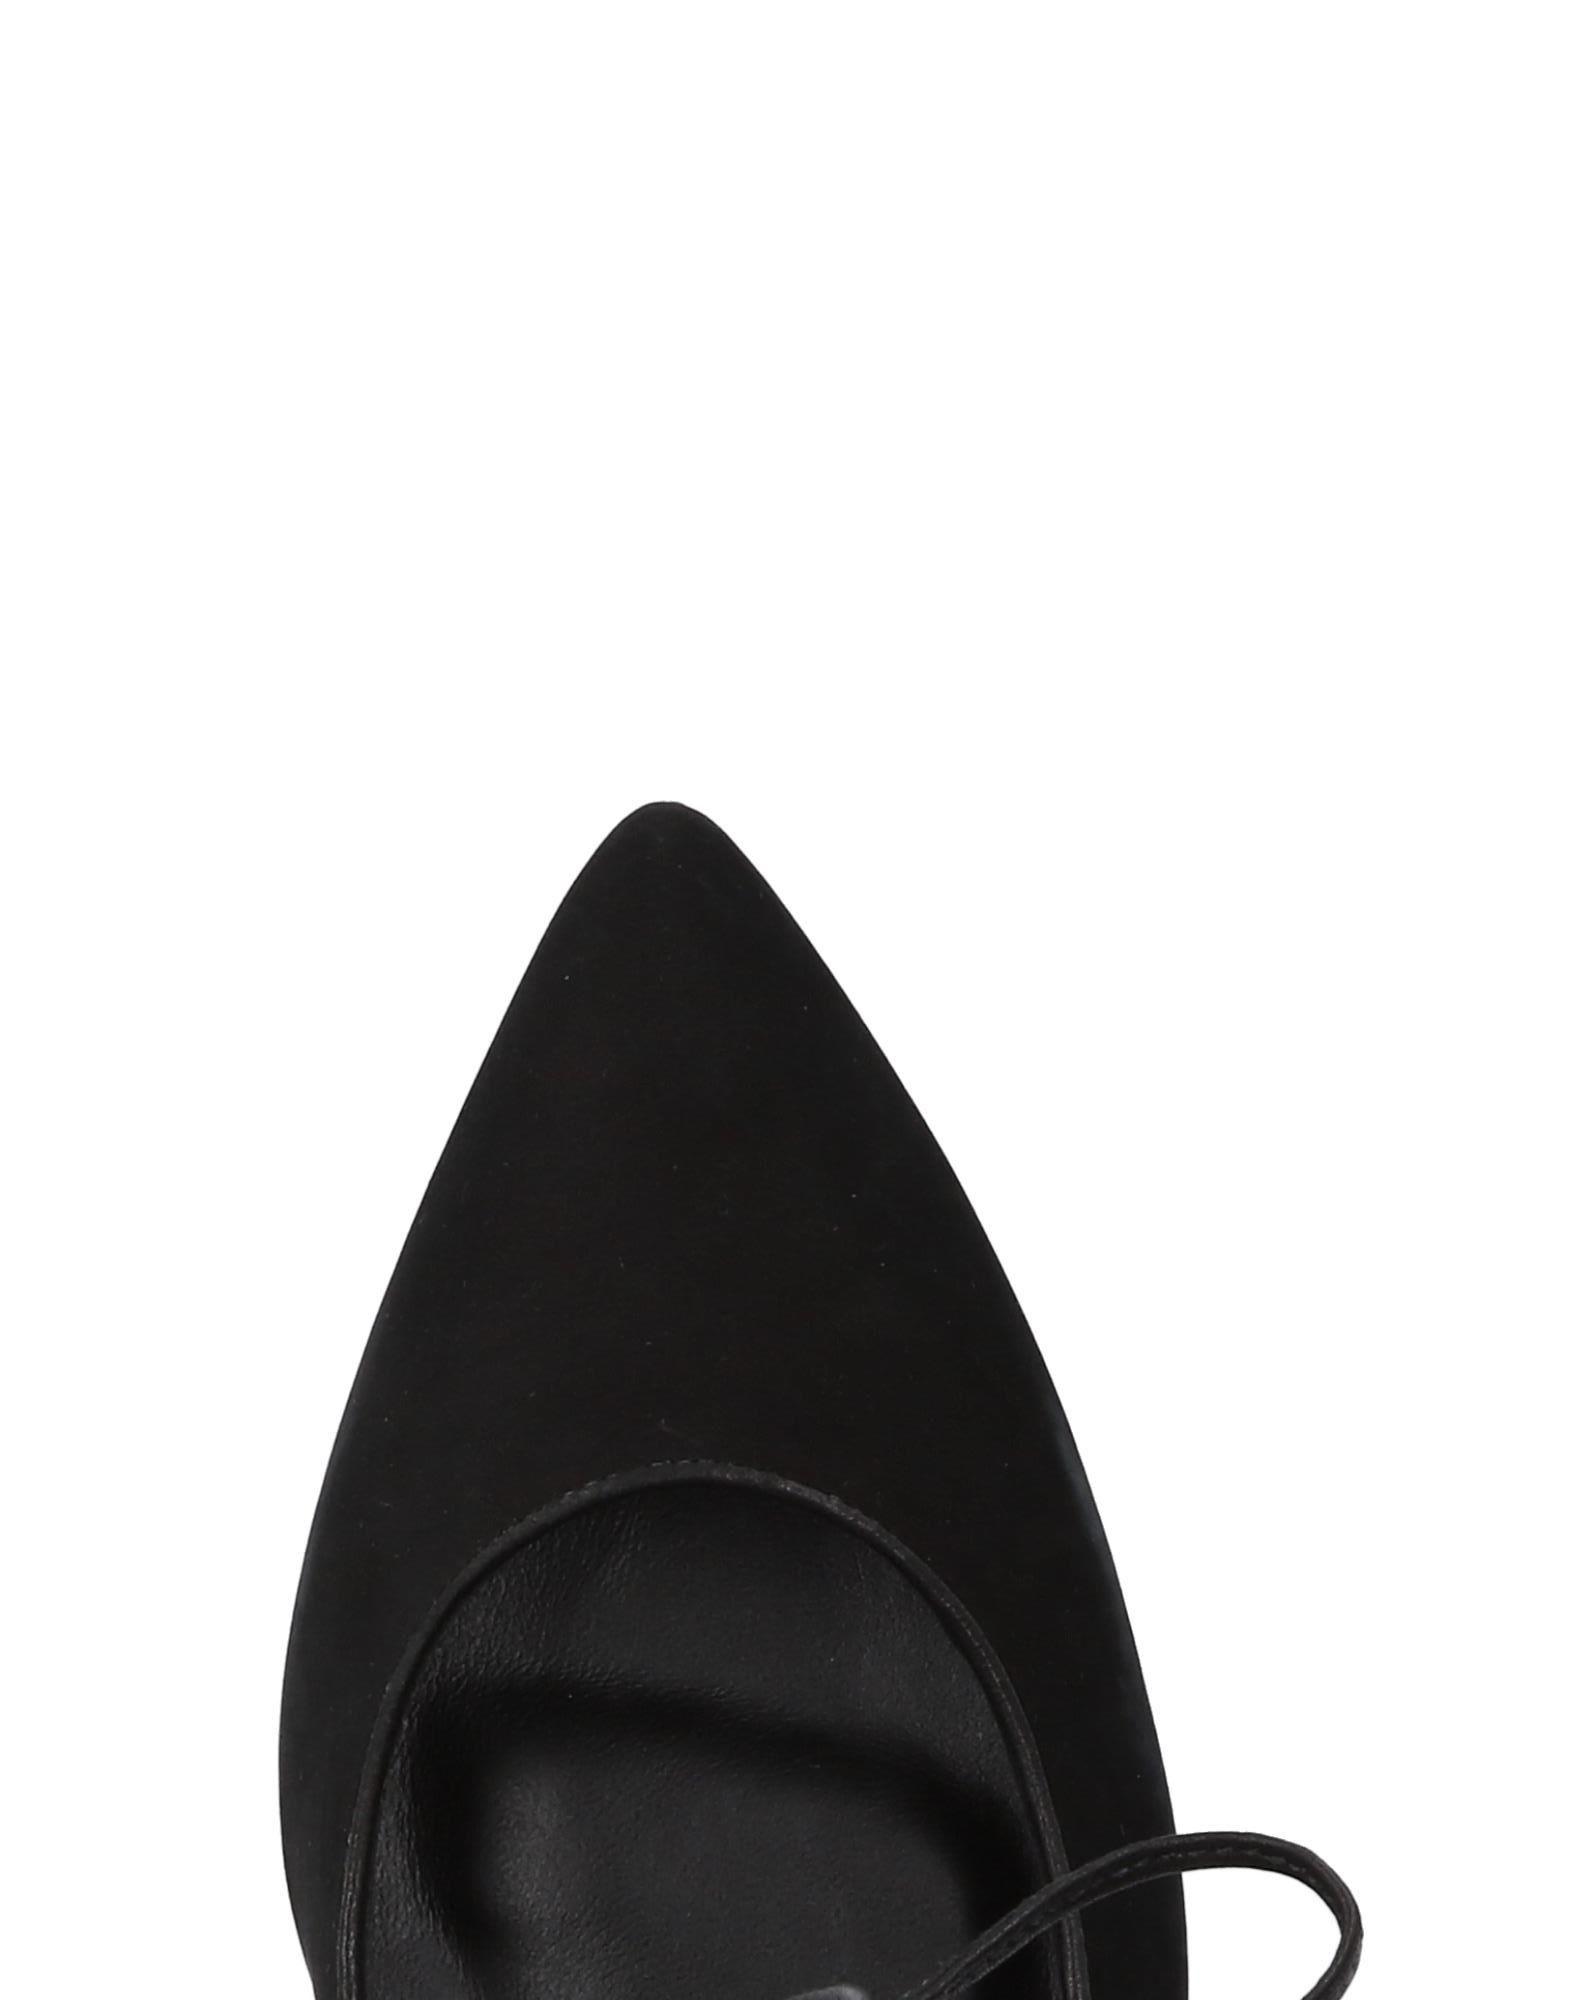 Vicenza) Pumps Damen beliebte  11472028JI Gute Qualität beliebte Damen Schuhe 3d6ab7